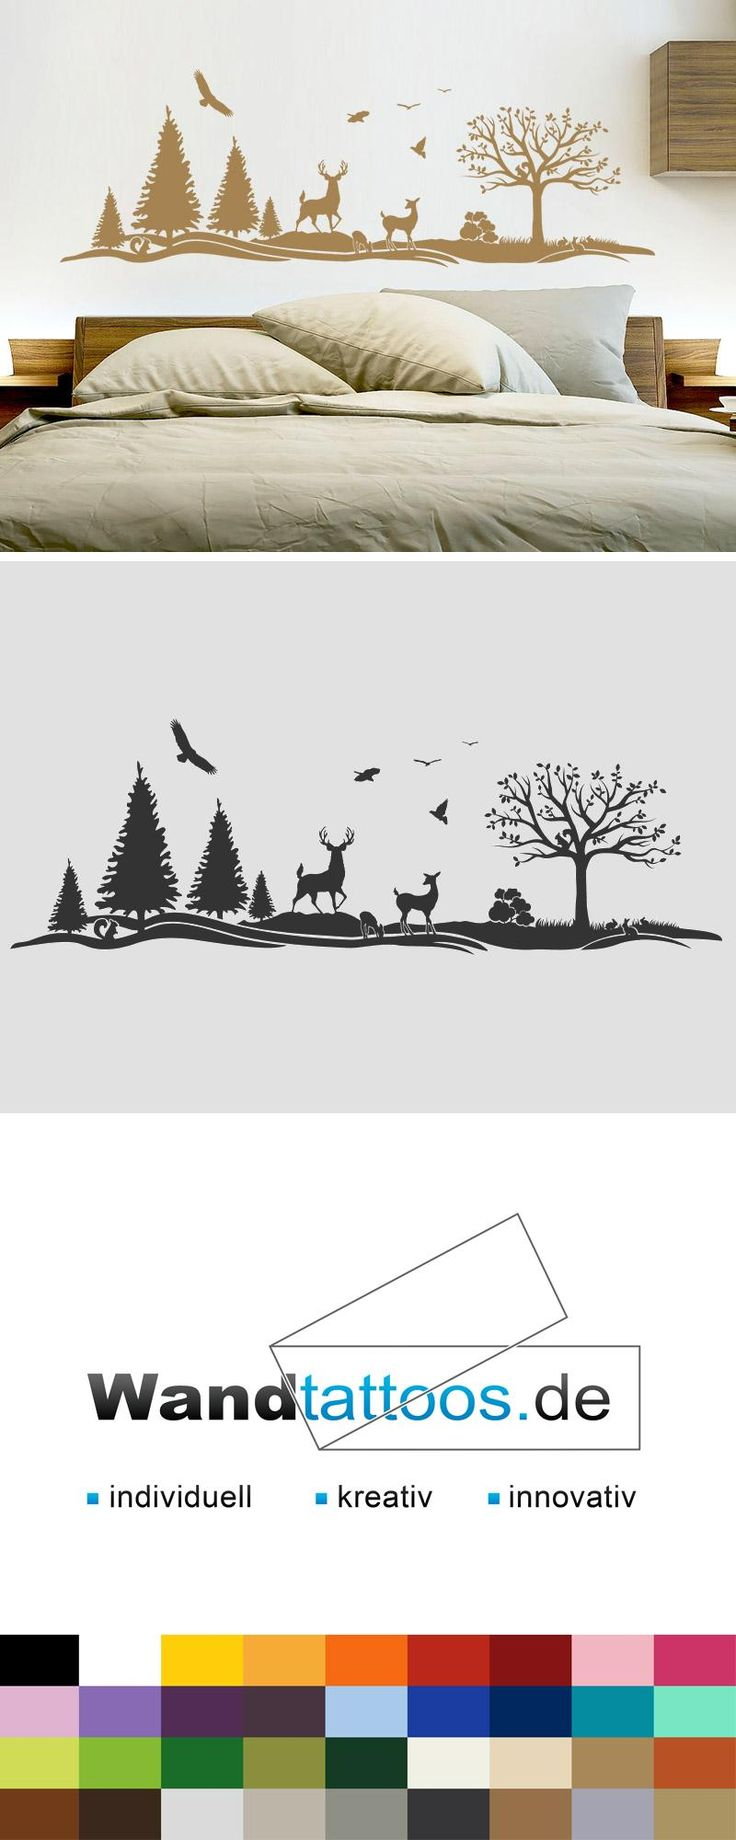 Wandtattoo Wald als Idee zur individuellen Wandgestaltung. Einfach Lieblingsfarbe und Größe auswählen. Weitere kreative Anregungen von Wandtattoos.de hier entdecken!